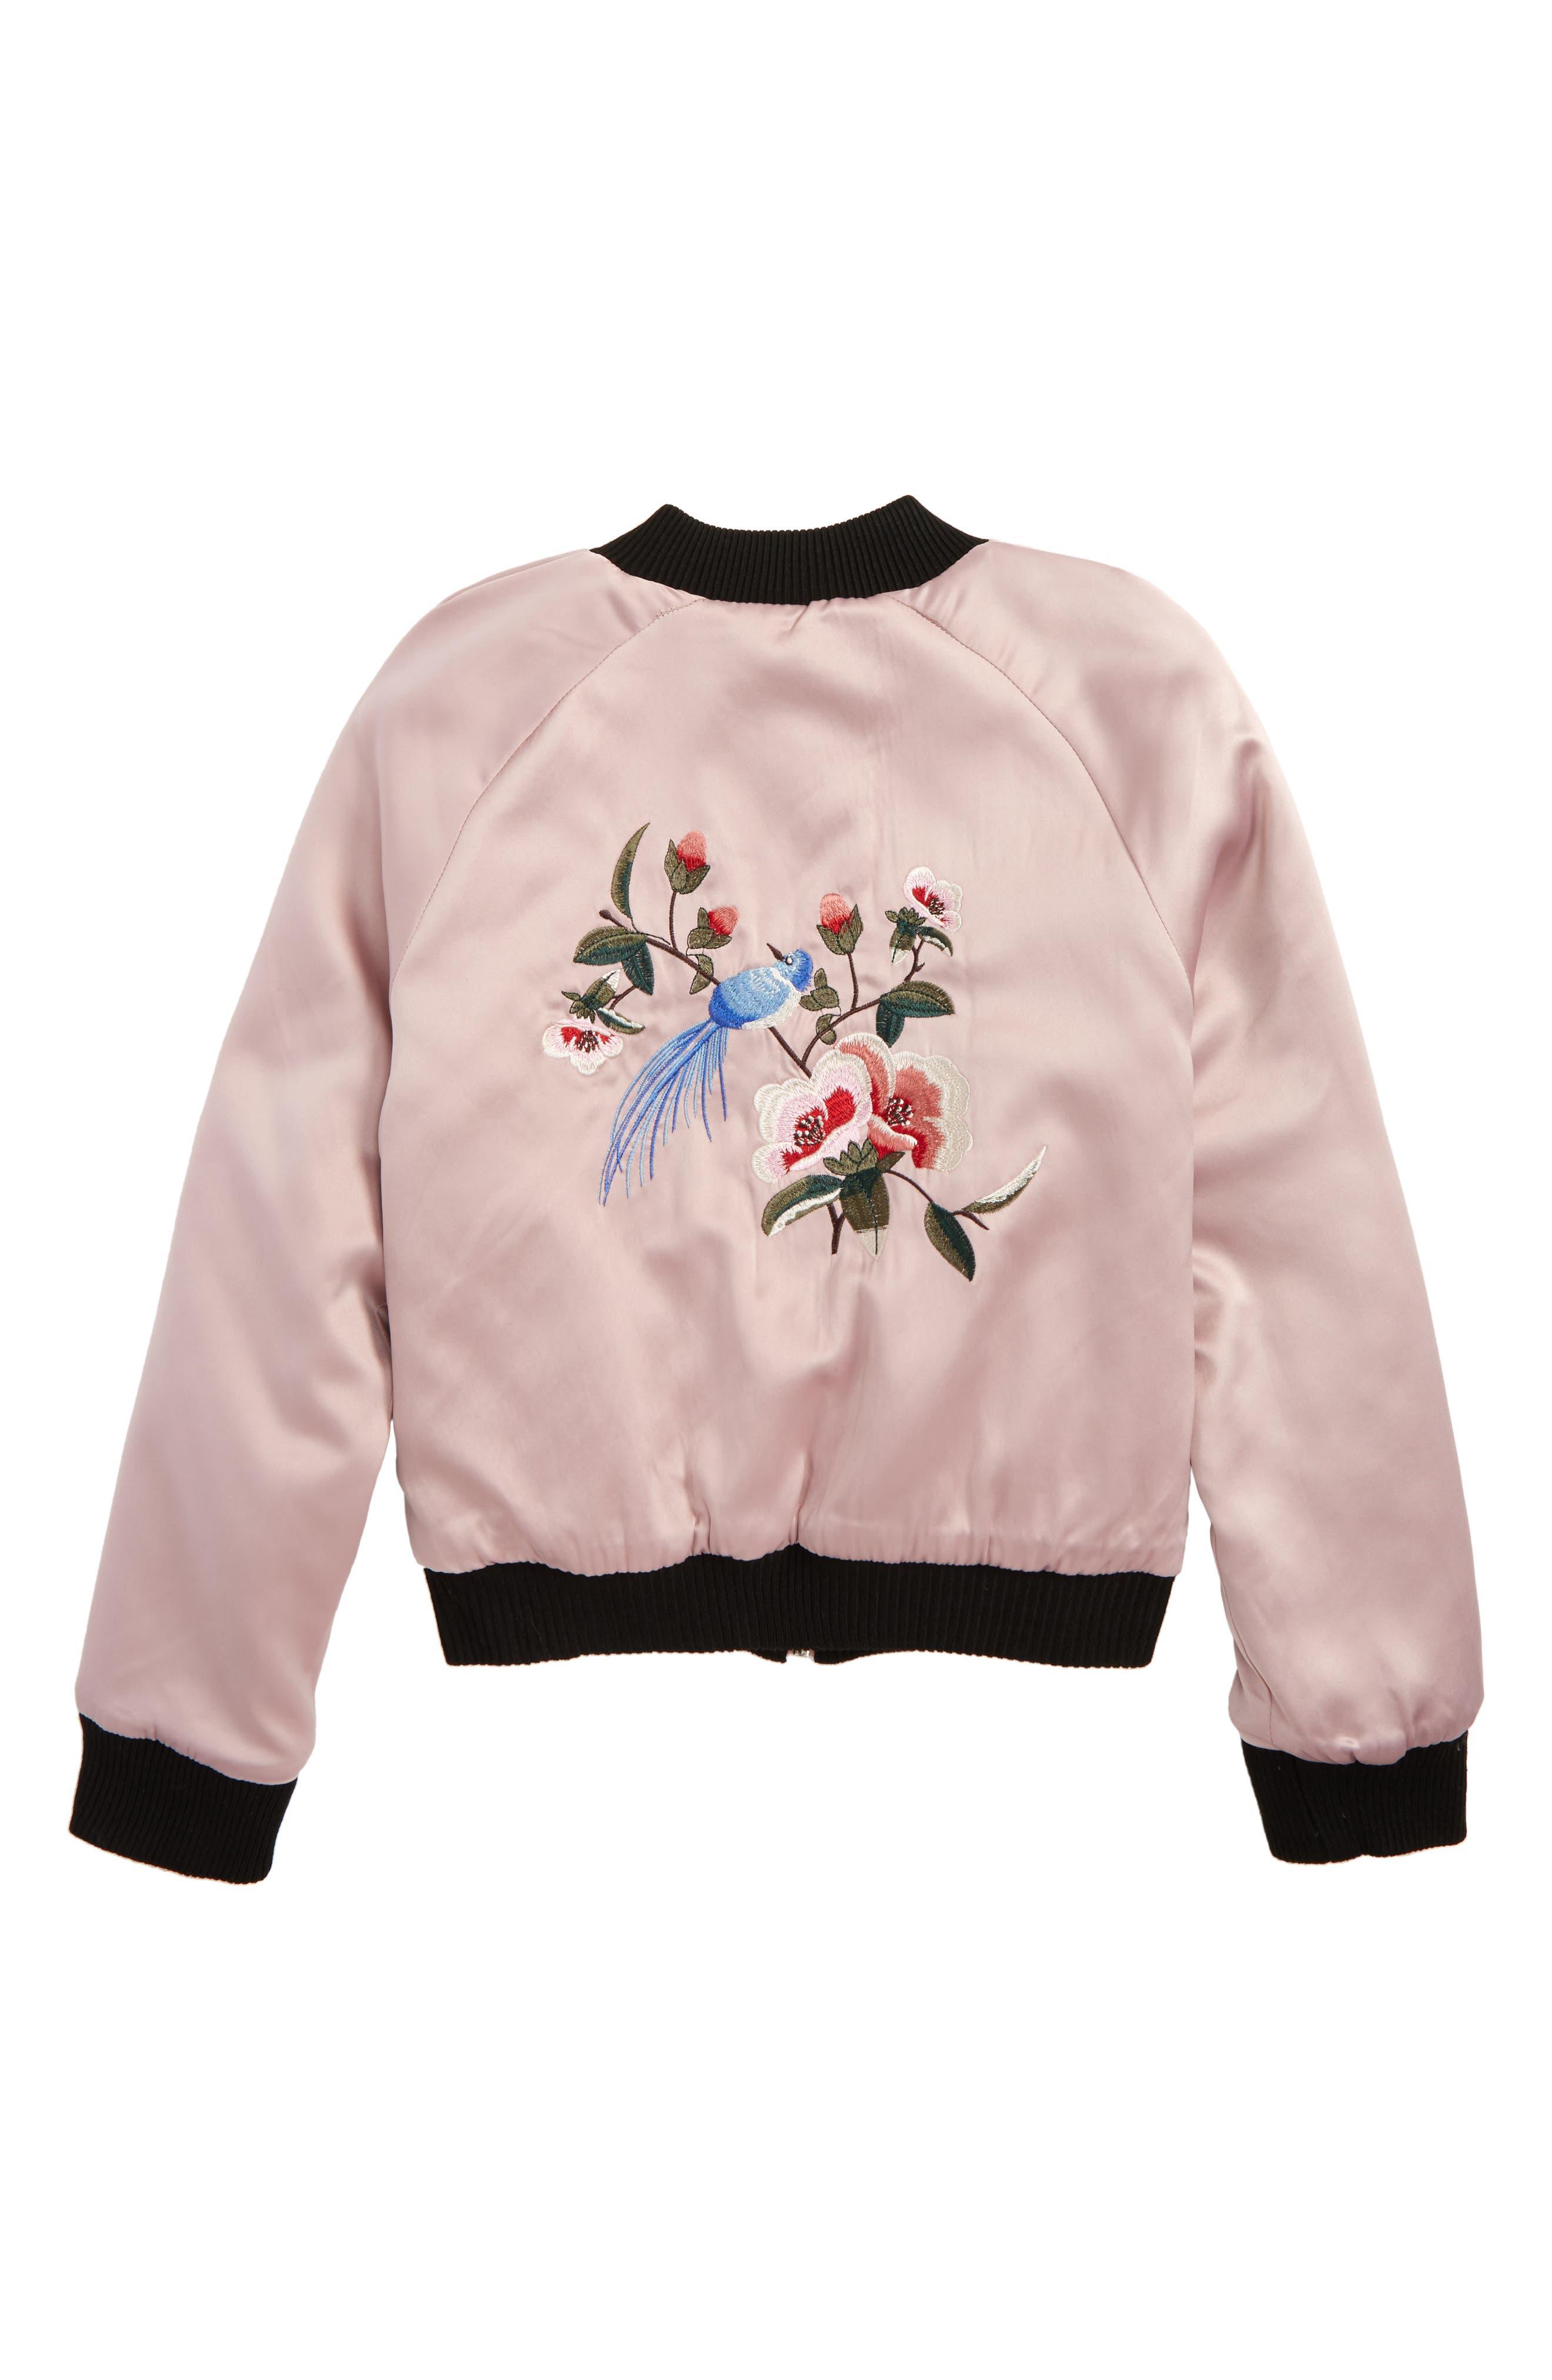 Alternate Image 3  - Jou Jou Embroidered Reversible Bomber Jacket (Big Girls)